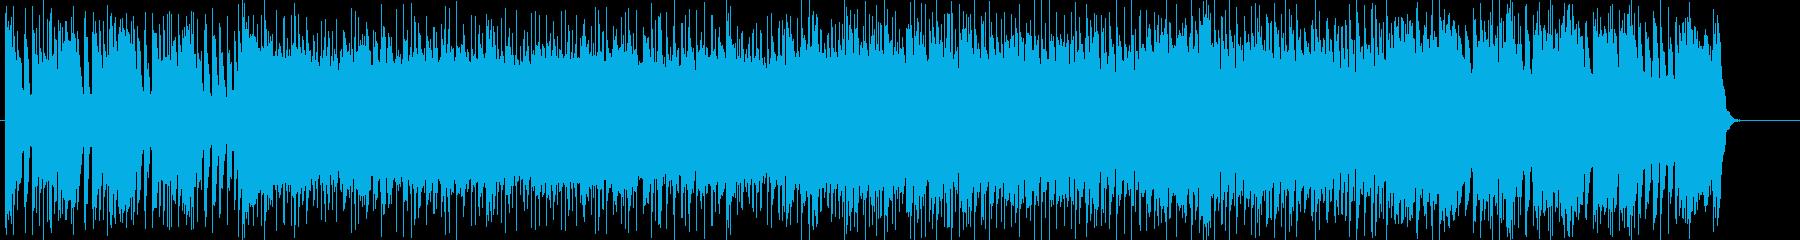 オープニングにぴったりの疾走感あるポップの再生済みの波形